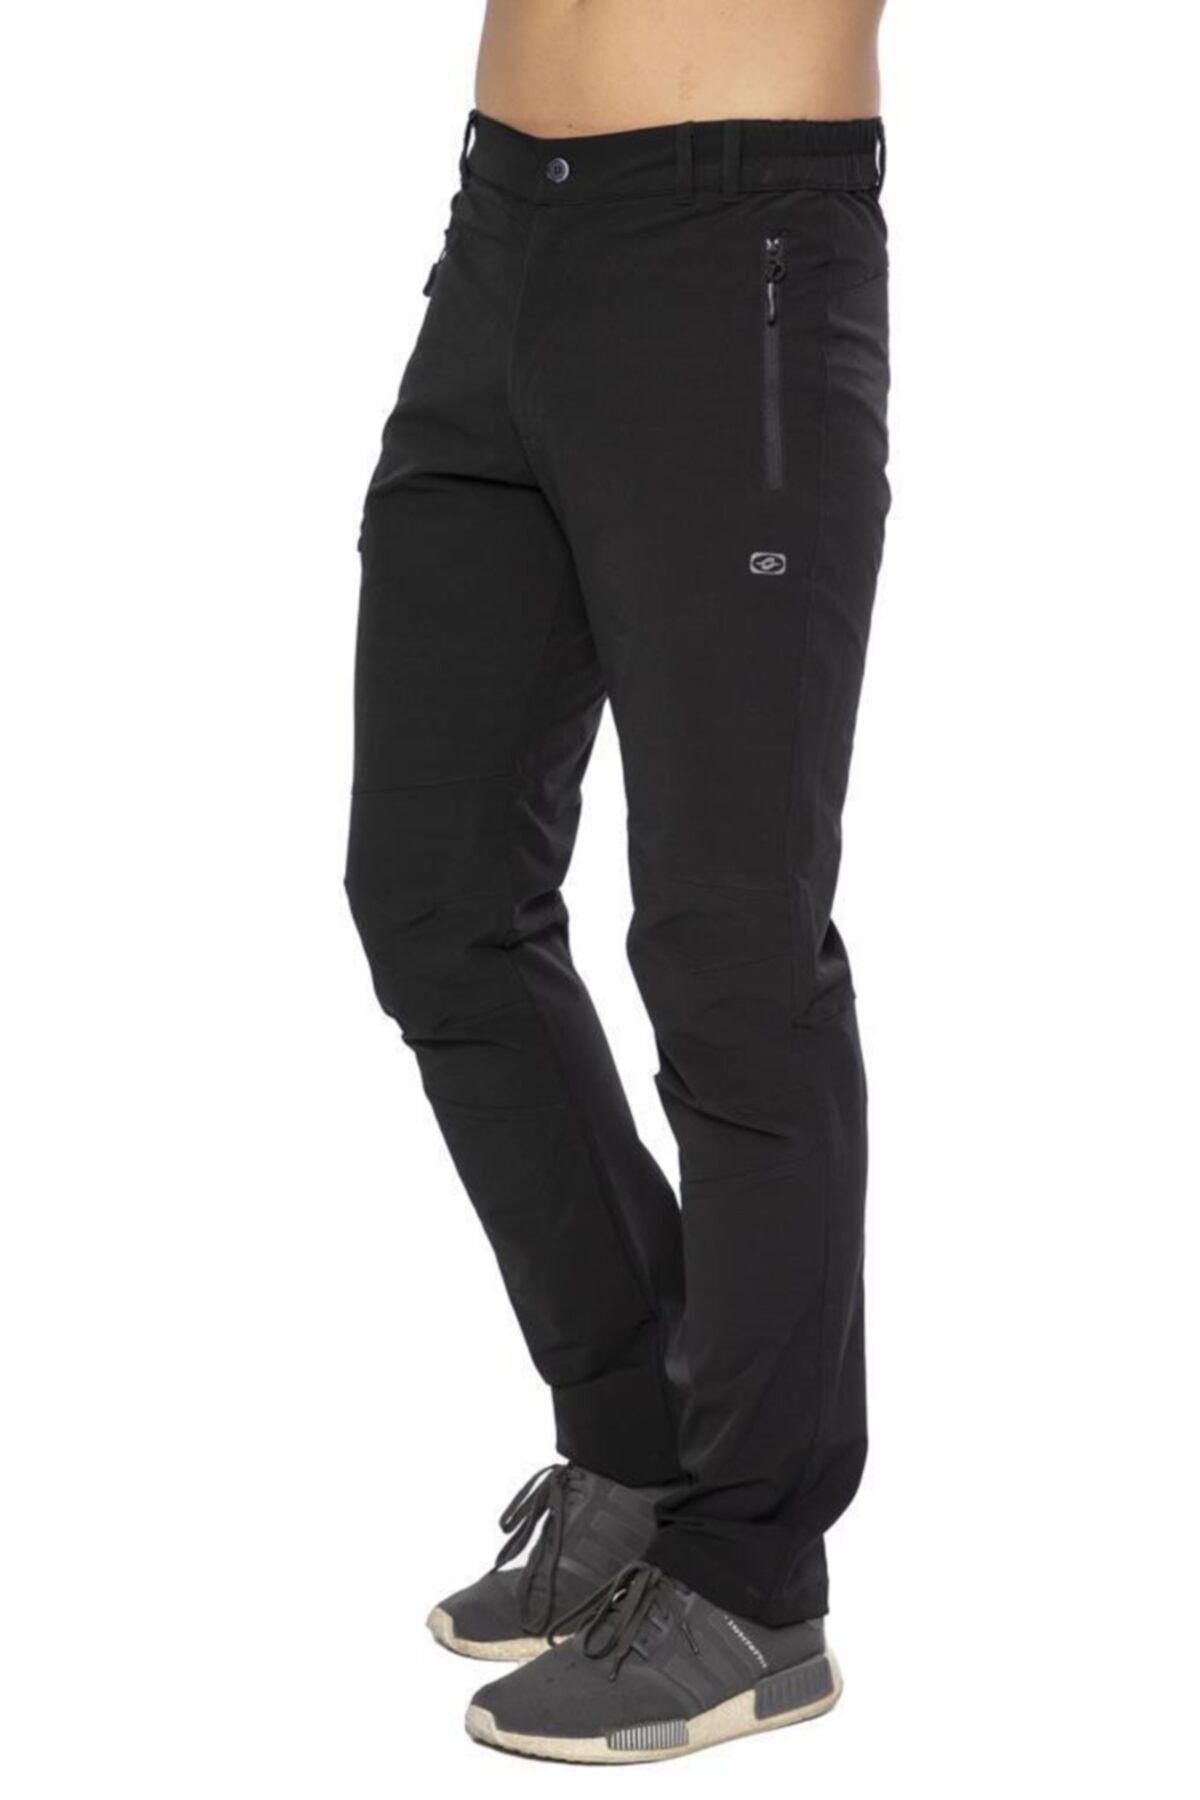 Crozwise Erkek Outdoor Pantolon 2147 2